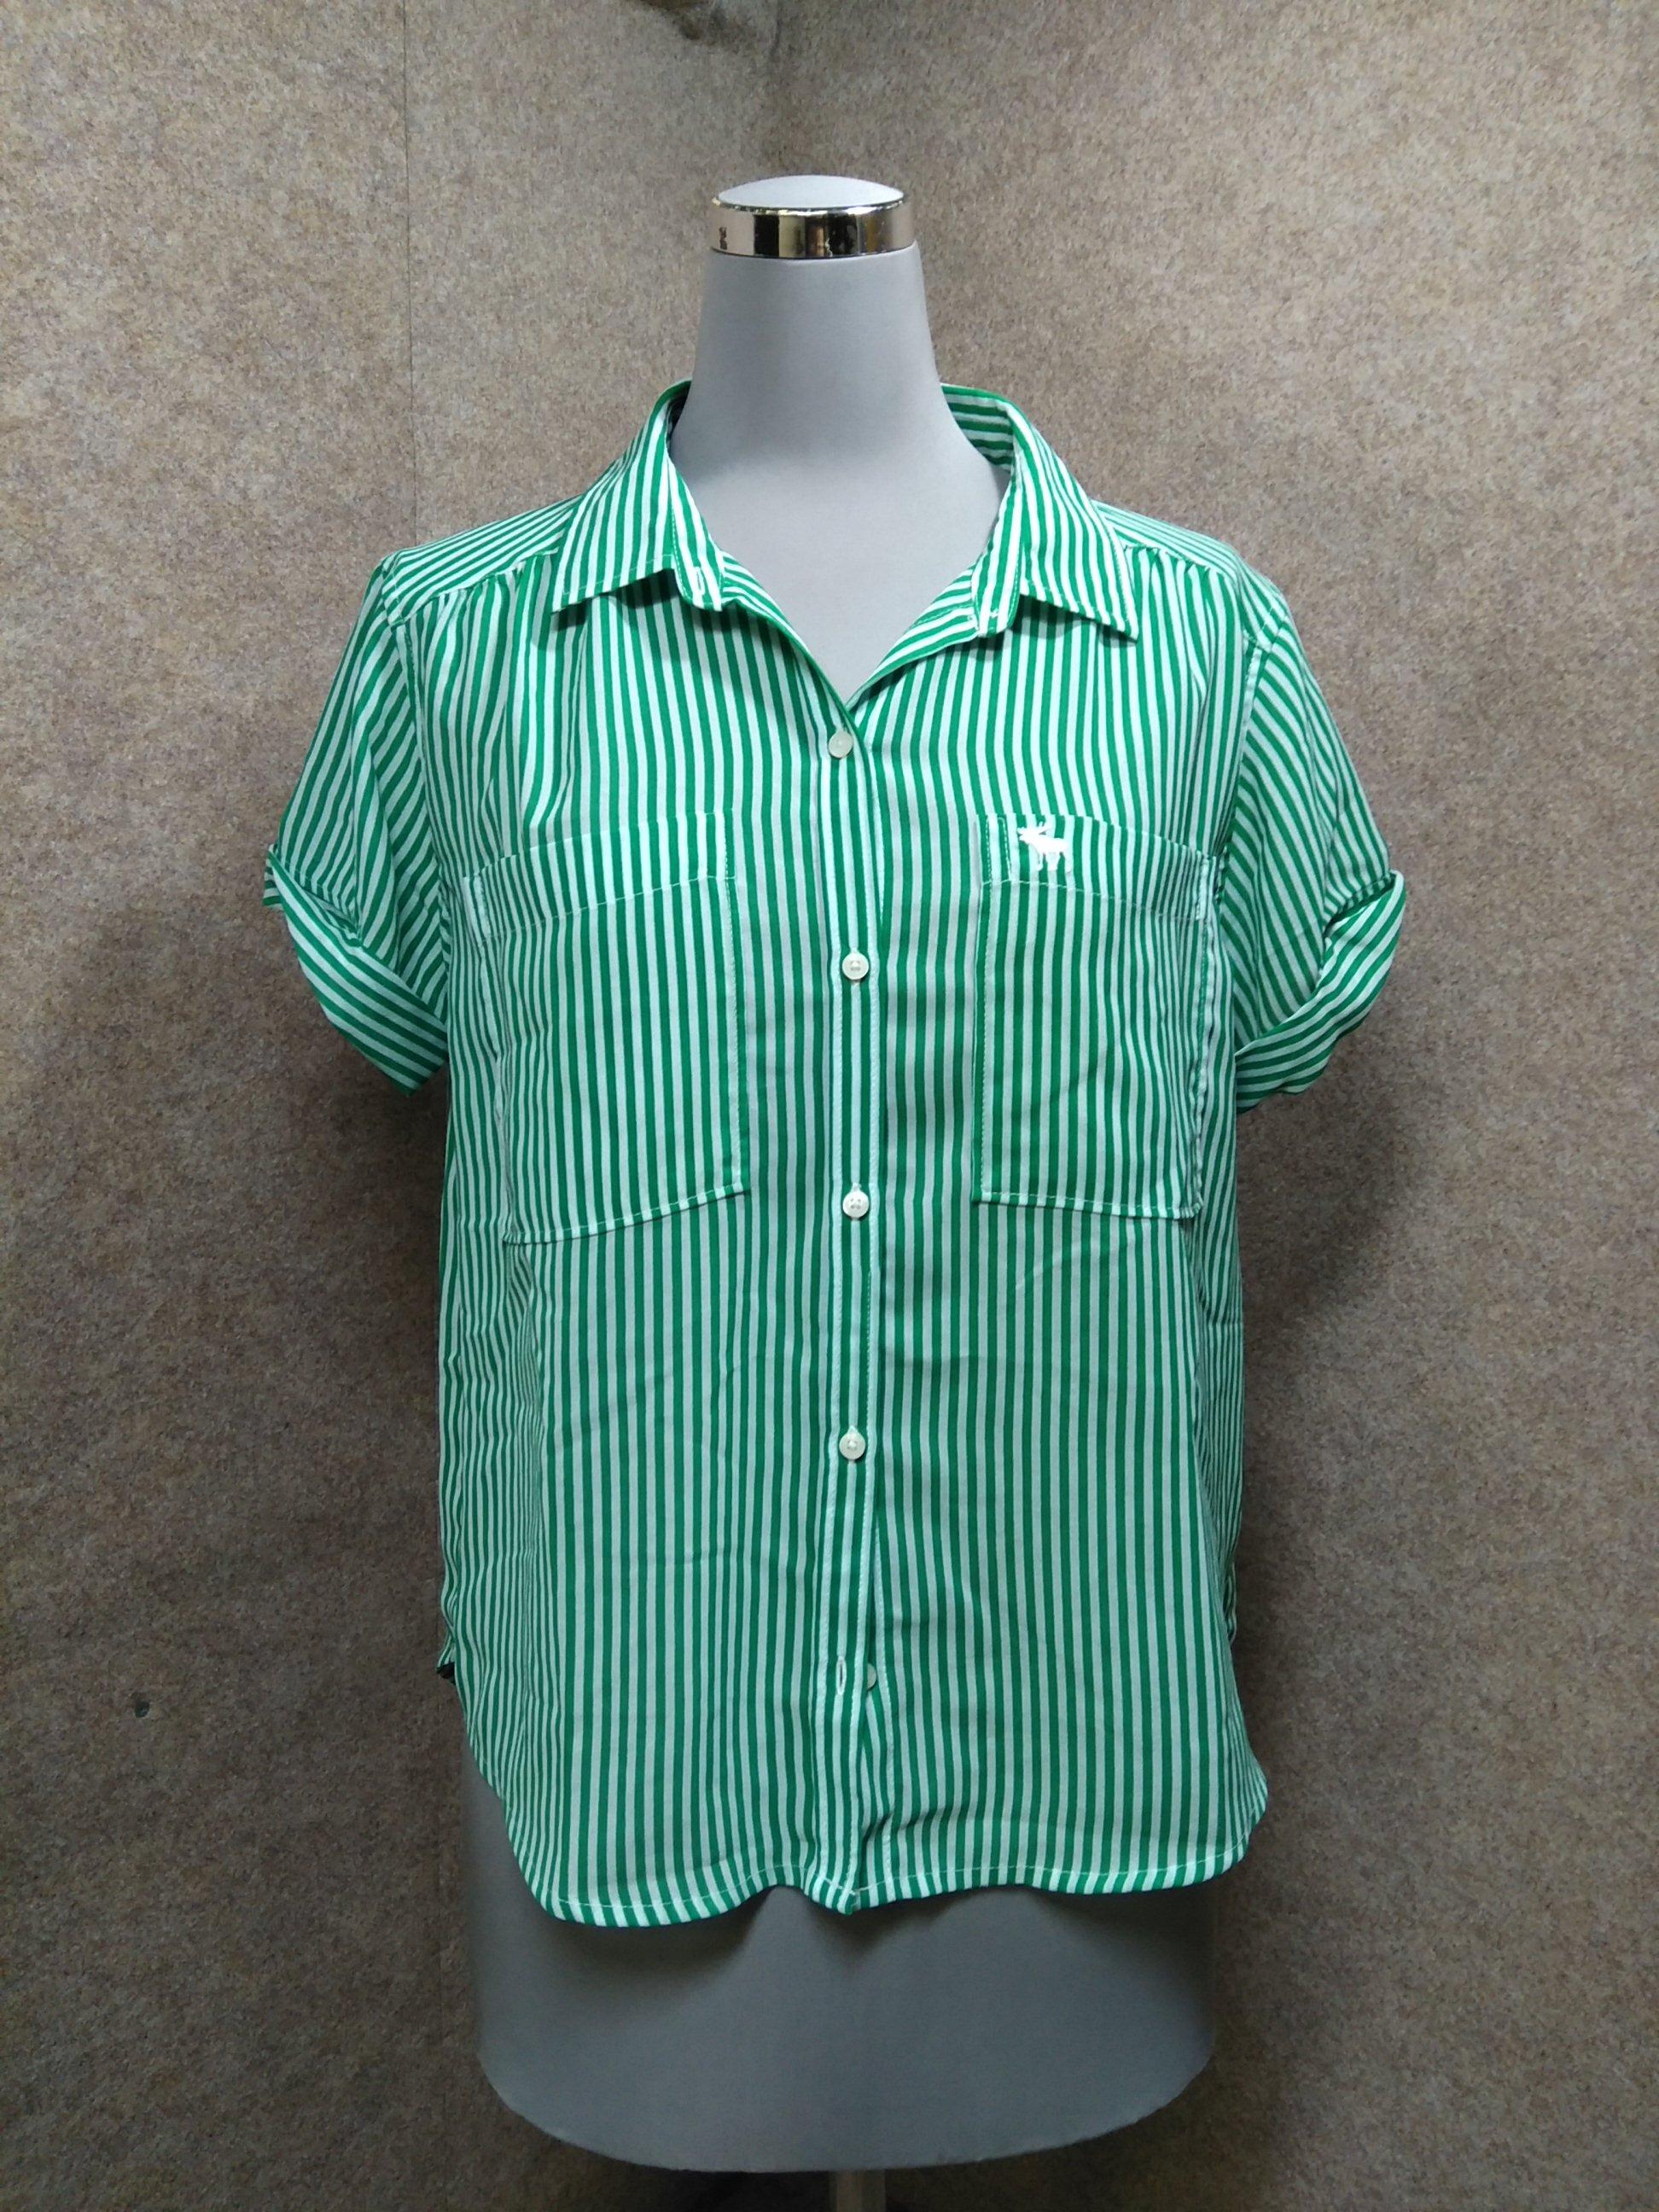 Abercrombie アバクロ 半袖シャツ ブラウス XS 緑 mh734e